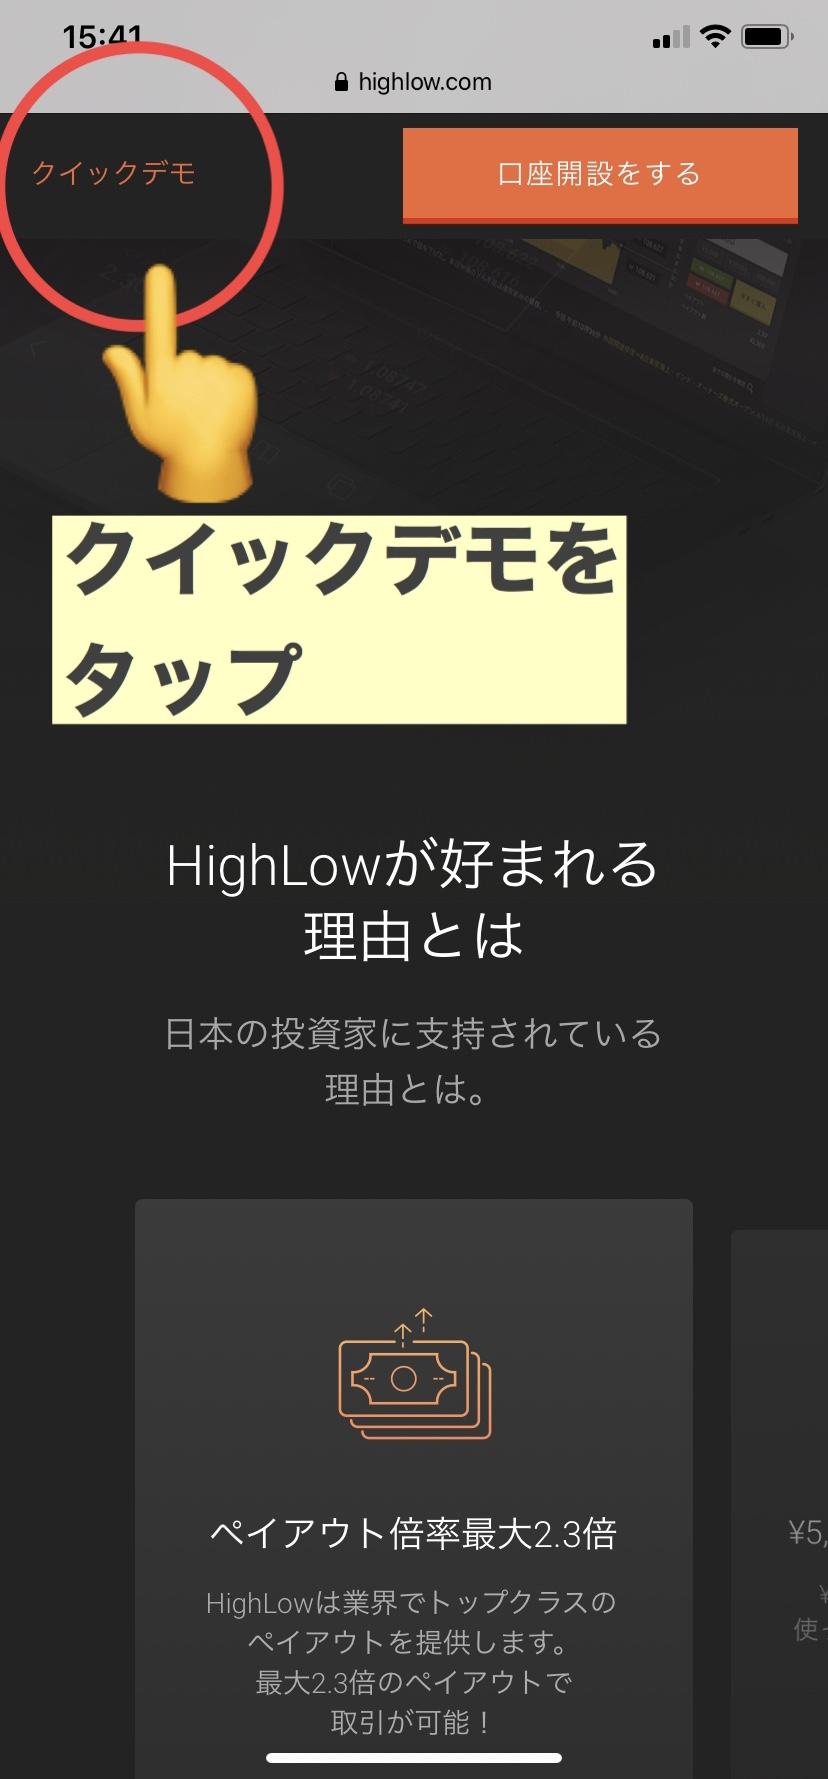 HighLowデモ スマホ